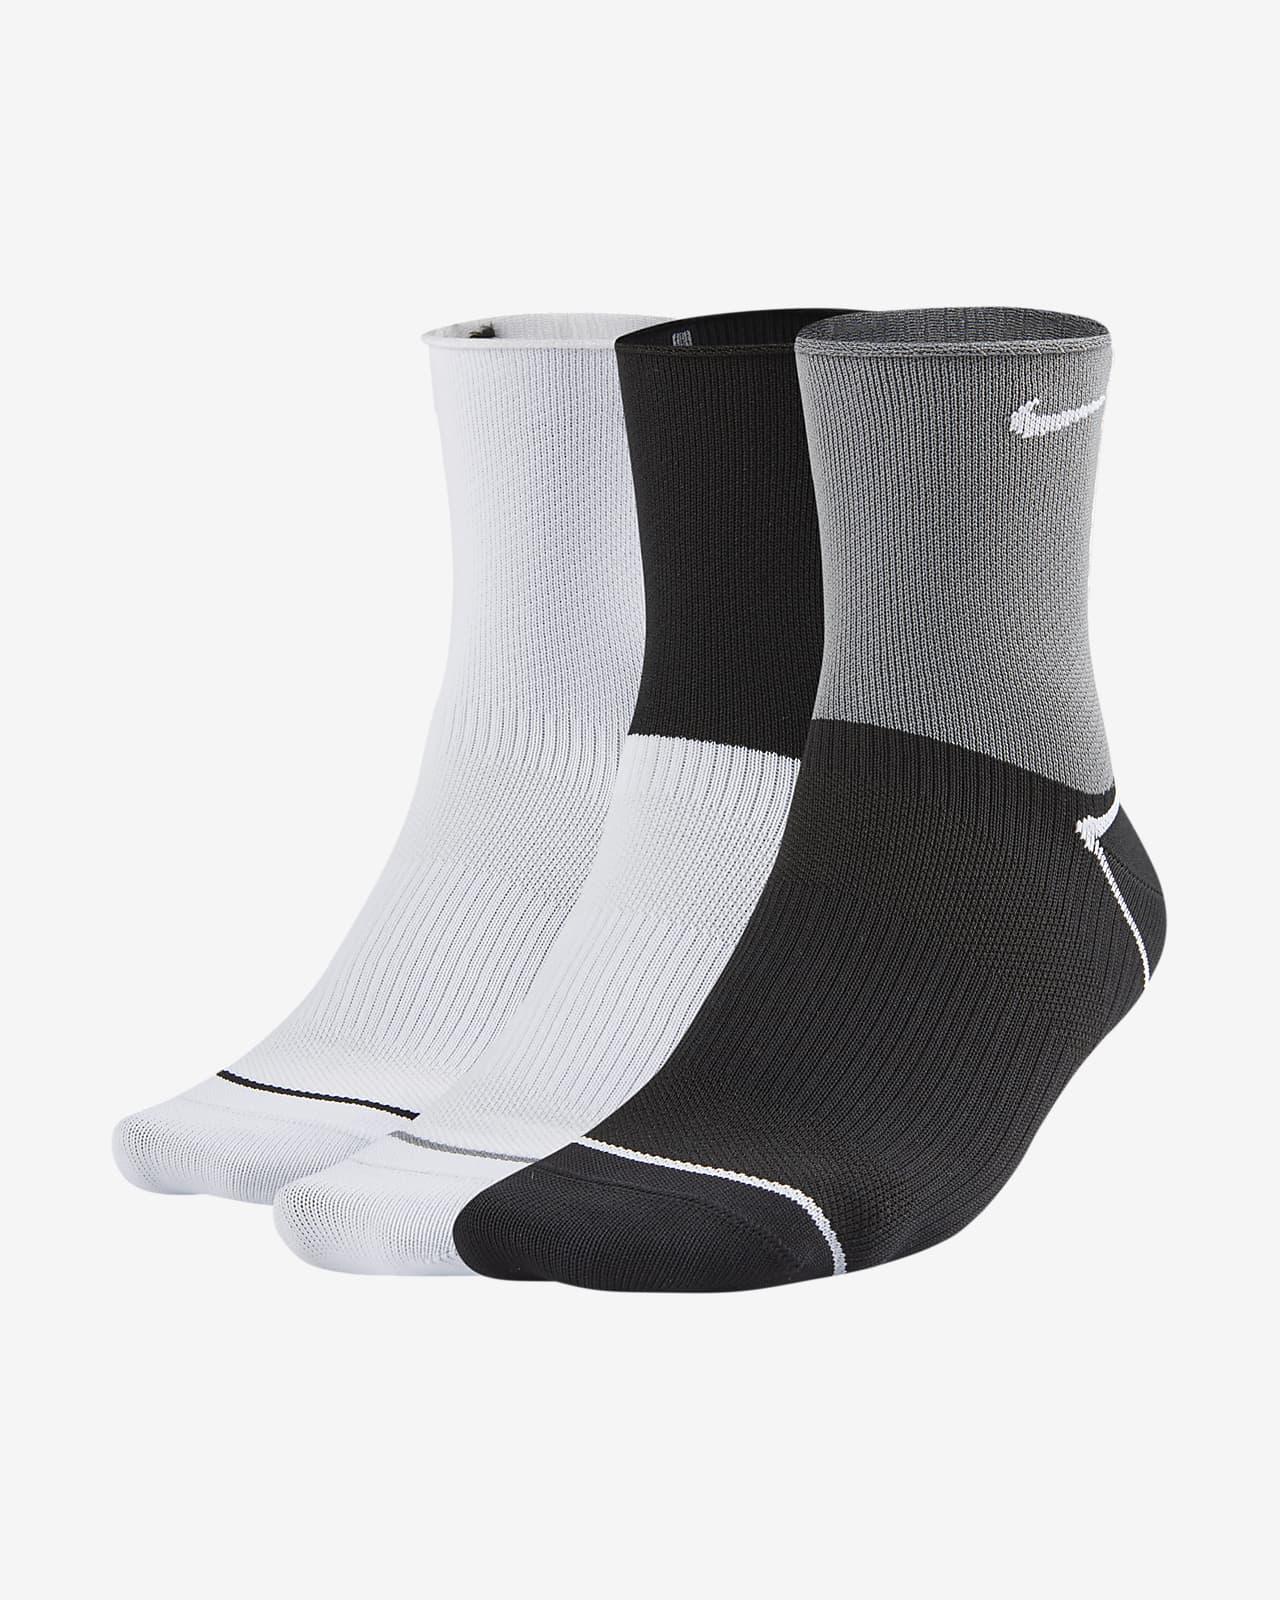 Calcetines cortos de entrenamiento para mujer Nike Everyday Plus Lightweight (3 pares)